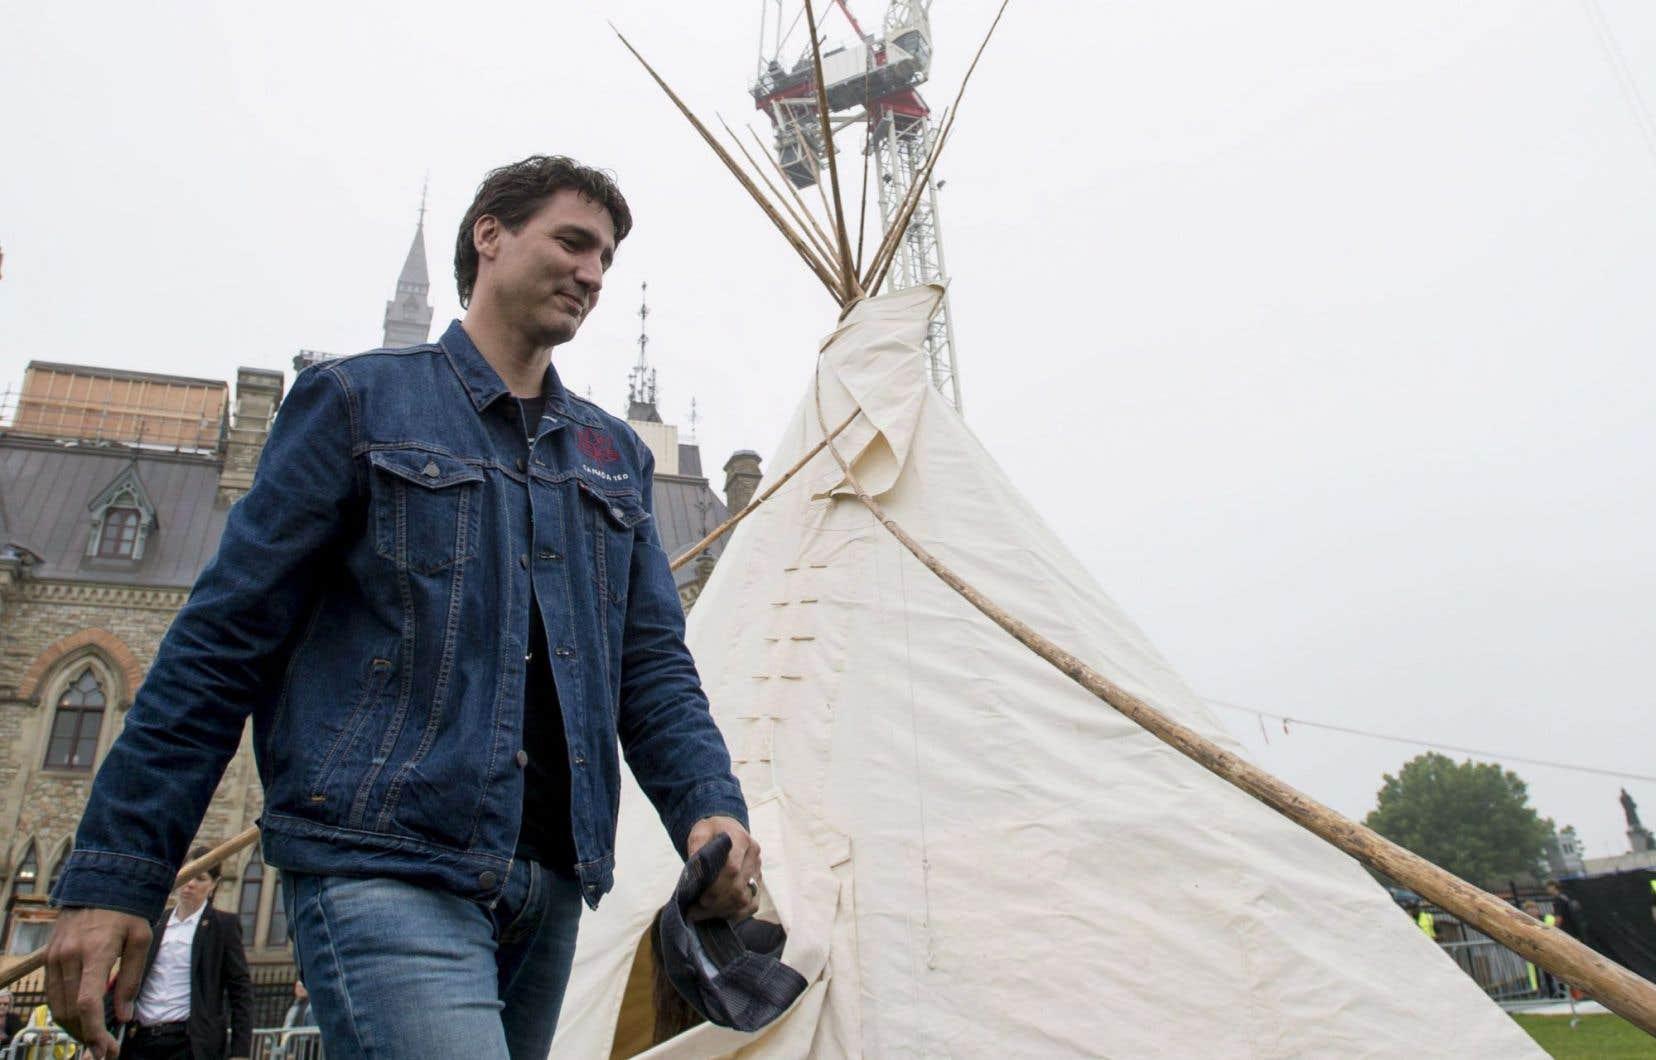 Le premier ministre Justin Trudeau et sa femme ont passé près d'une demi-heure à l'intérieur du tipi avec ces militants «protecteurs de l'eau».